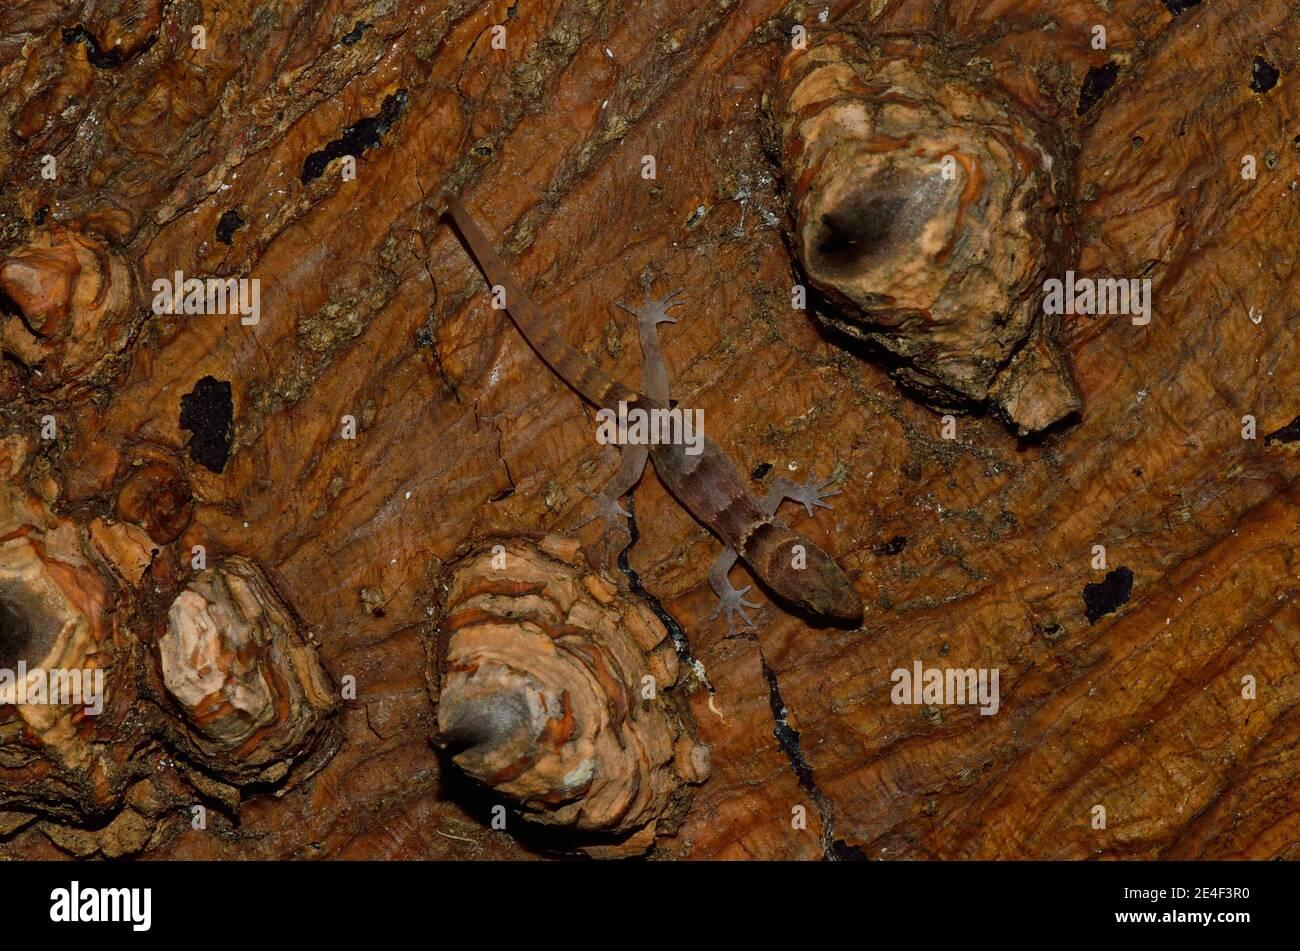 Gonatodes antillensis, antilles Gecko, Antillen-Zwerggecko, juvenil, Jungtier Stockfoto